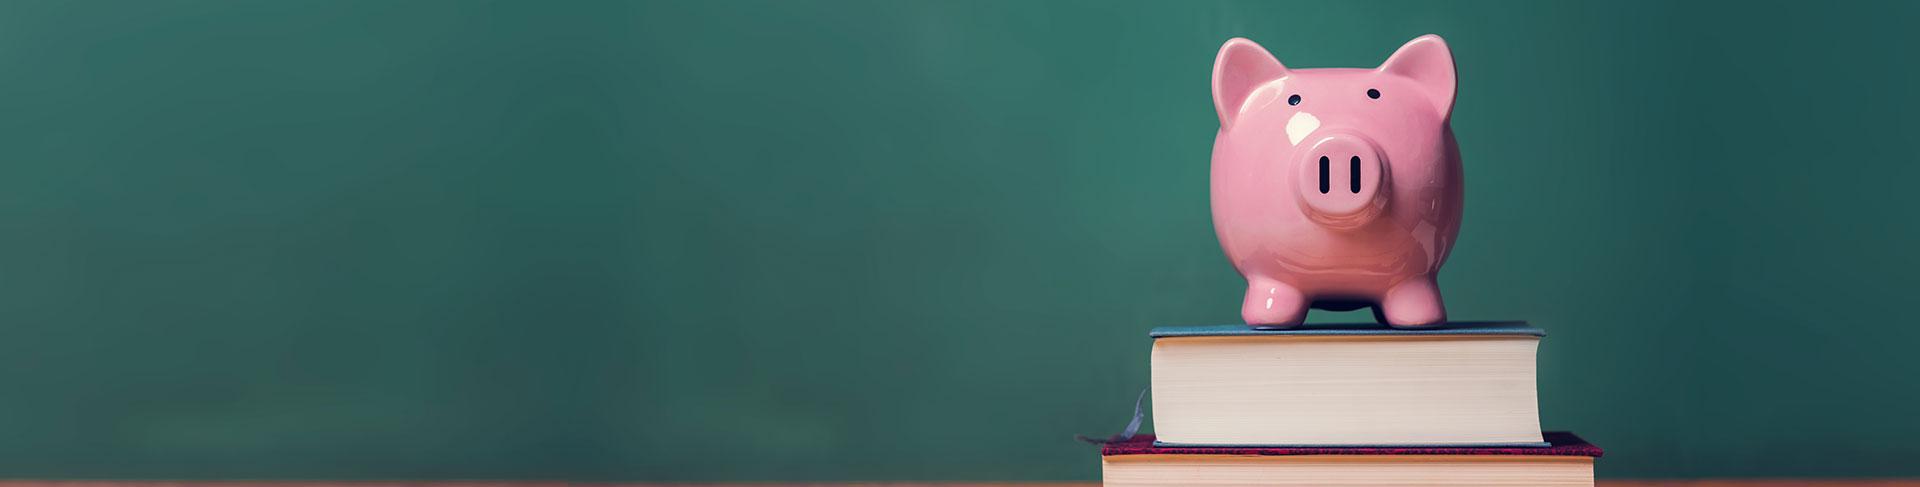 scholarships-hdr-bkg